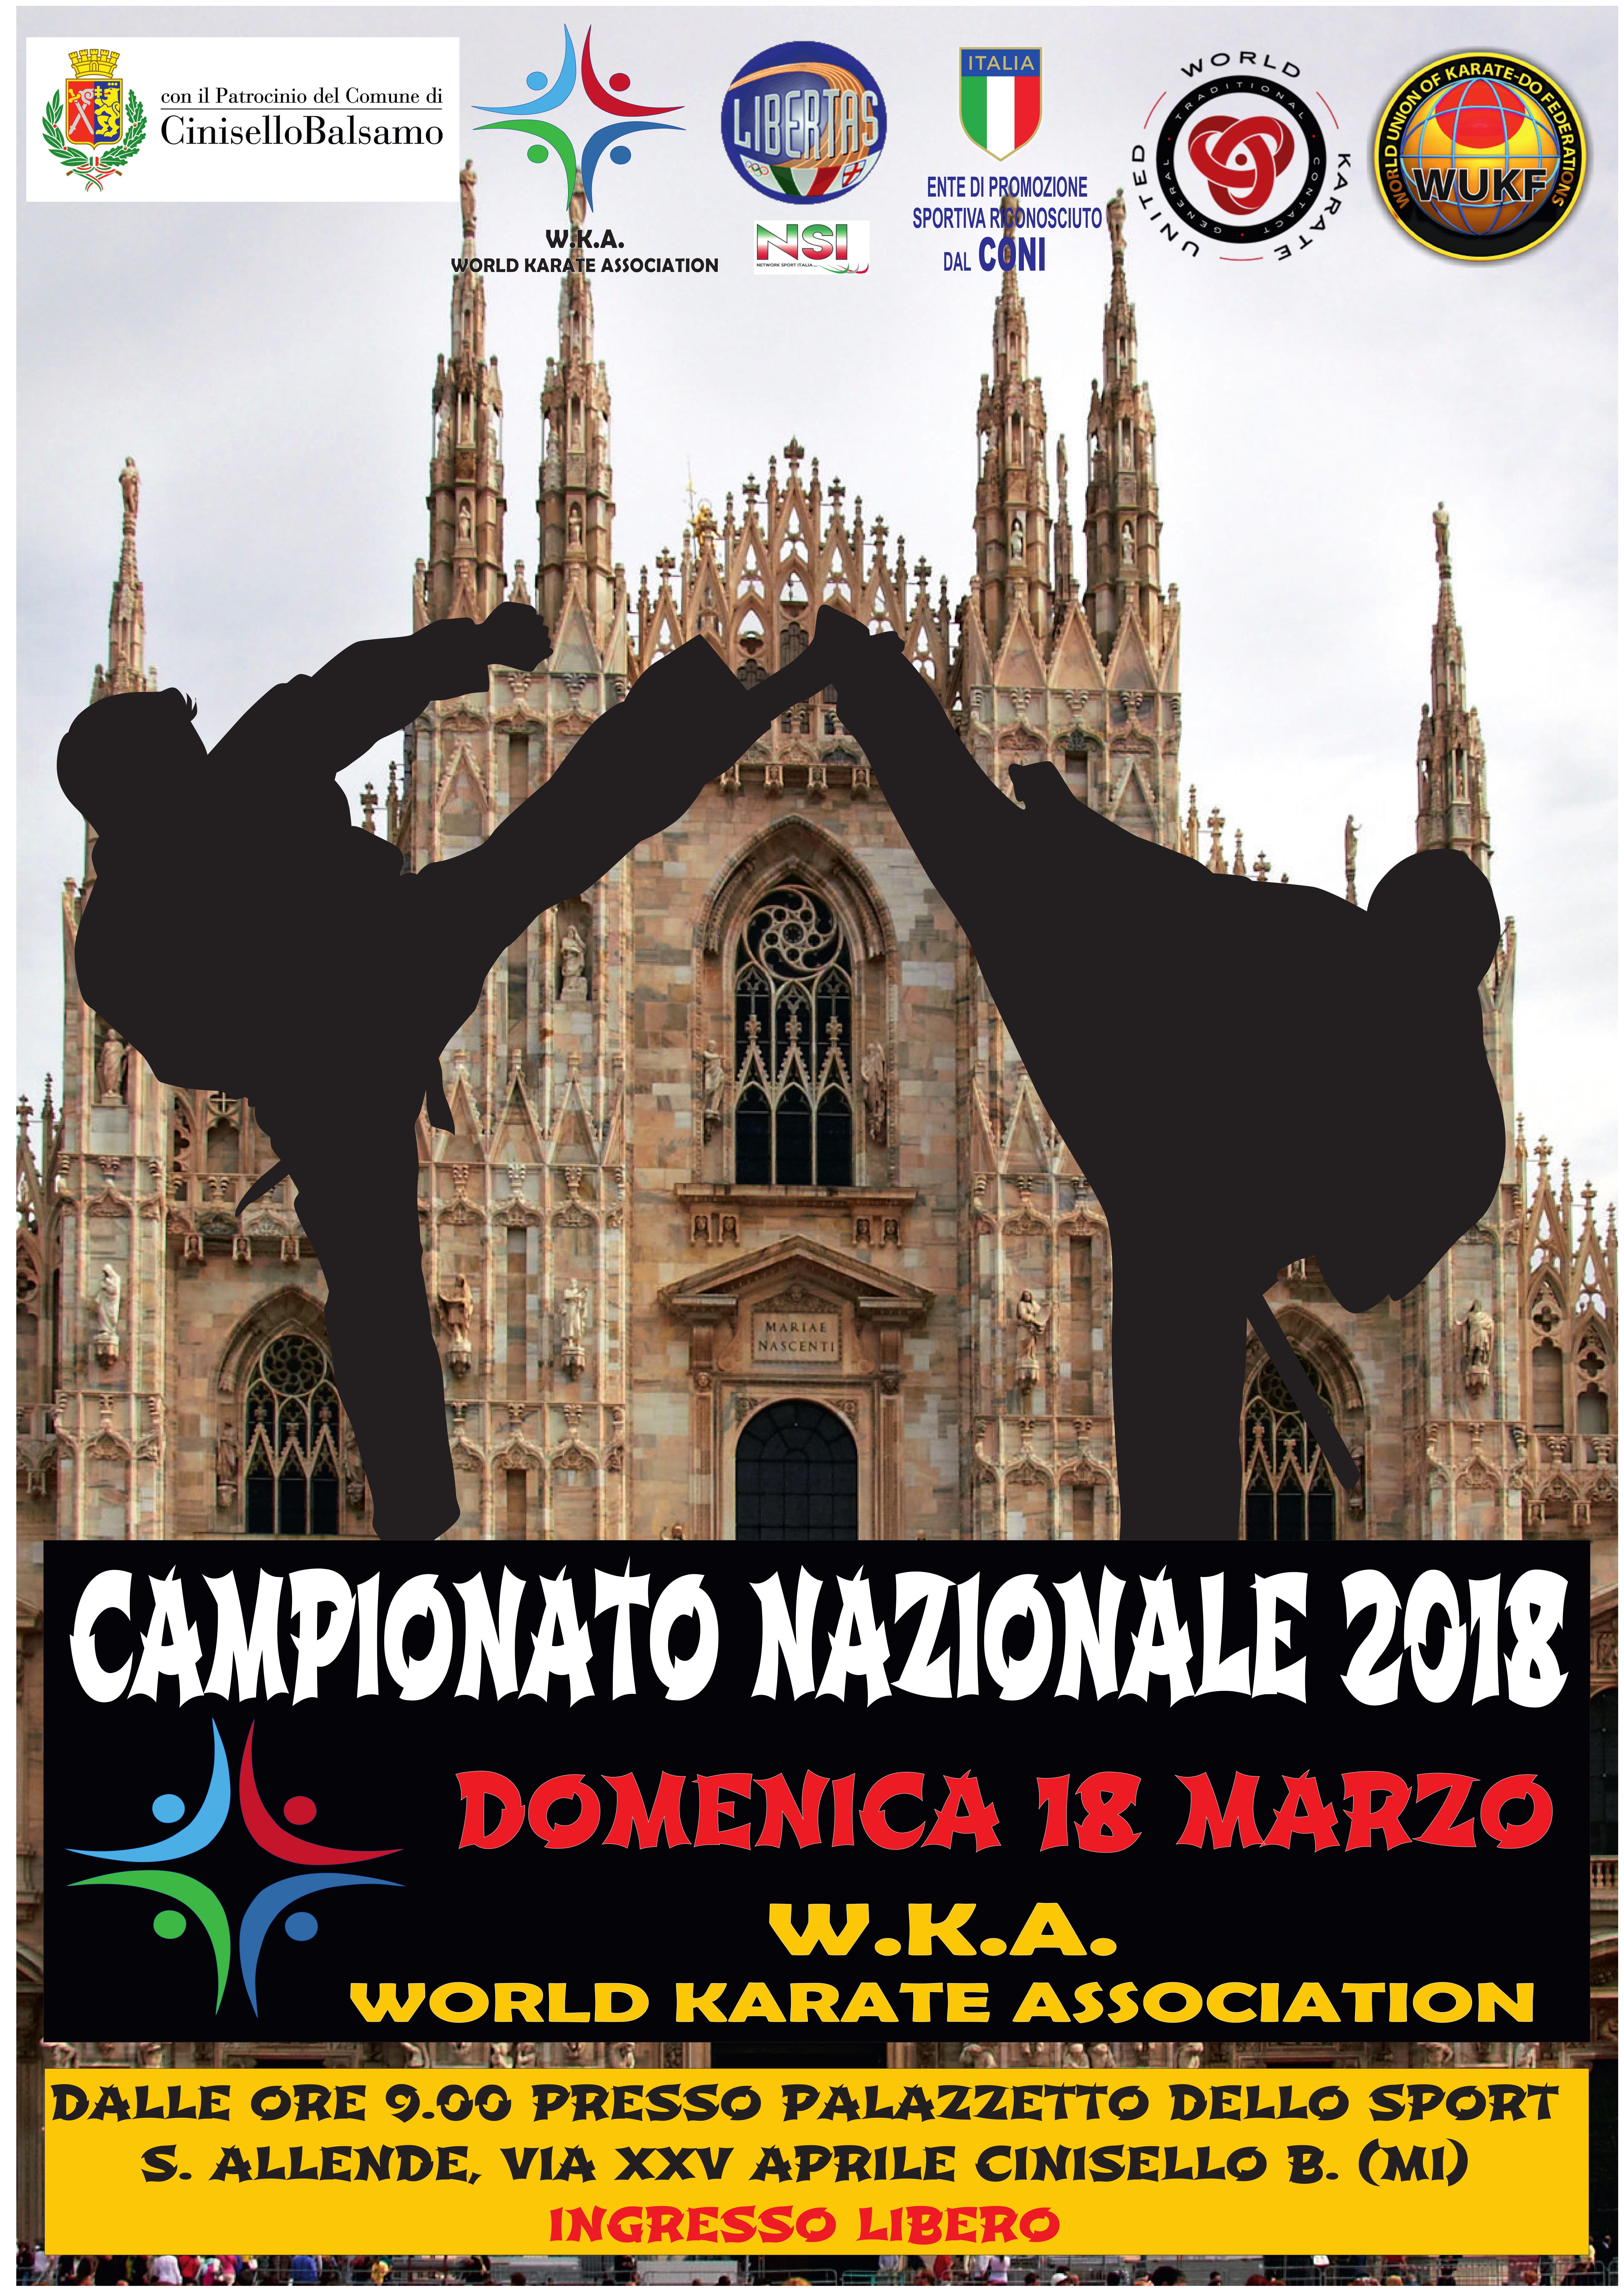 Sito ufficiale del Comune di Cinisello Balsamo - CAMPIONATO